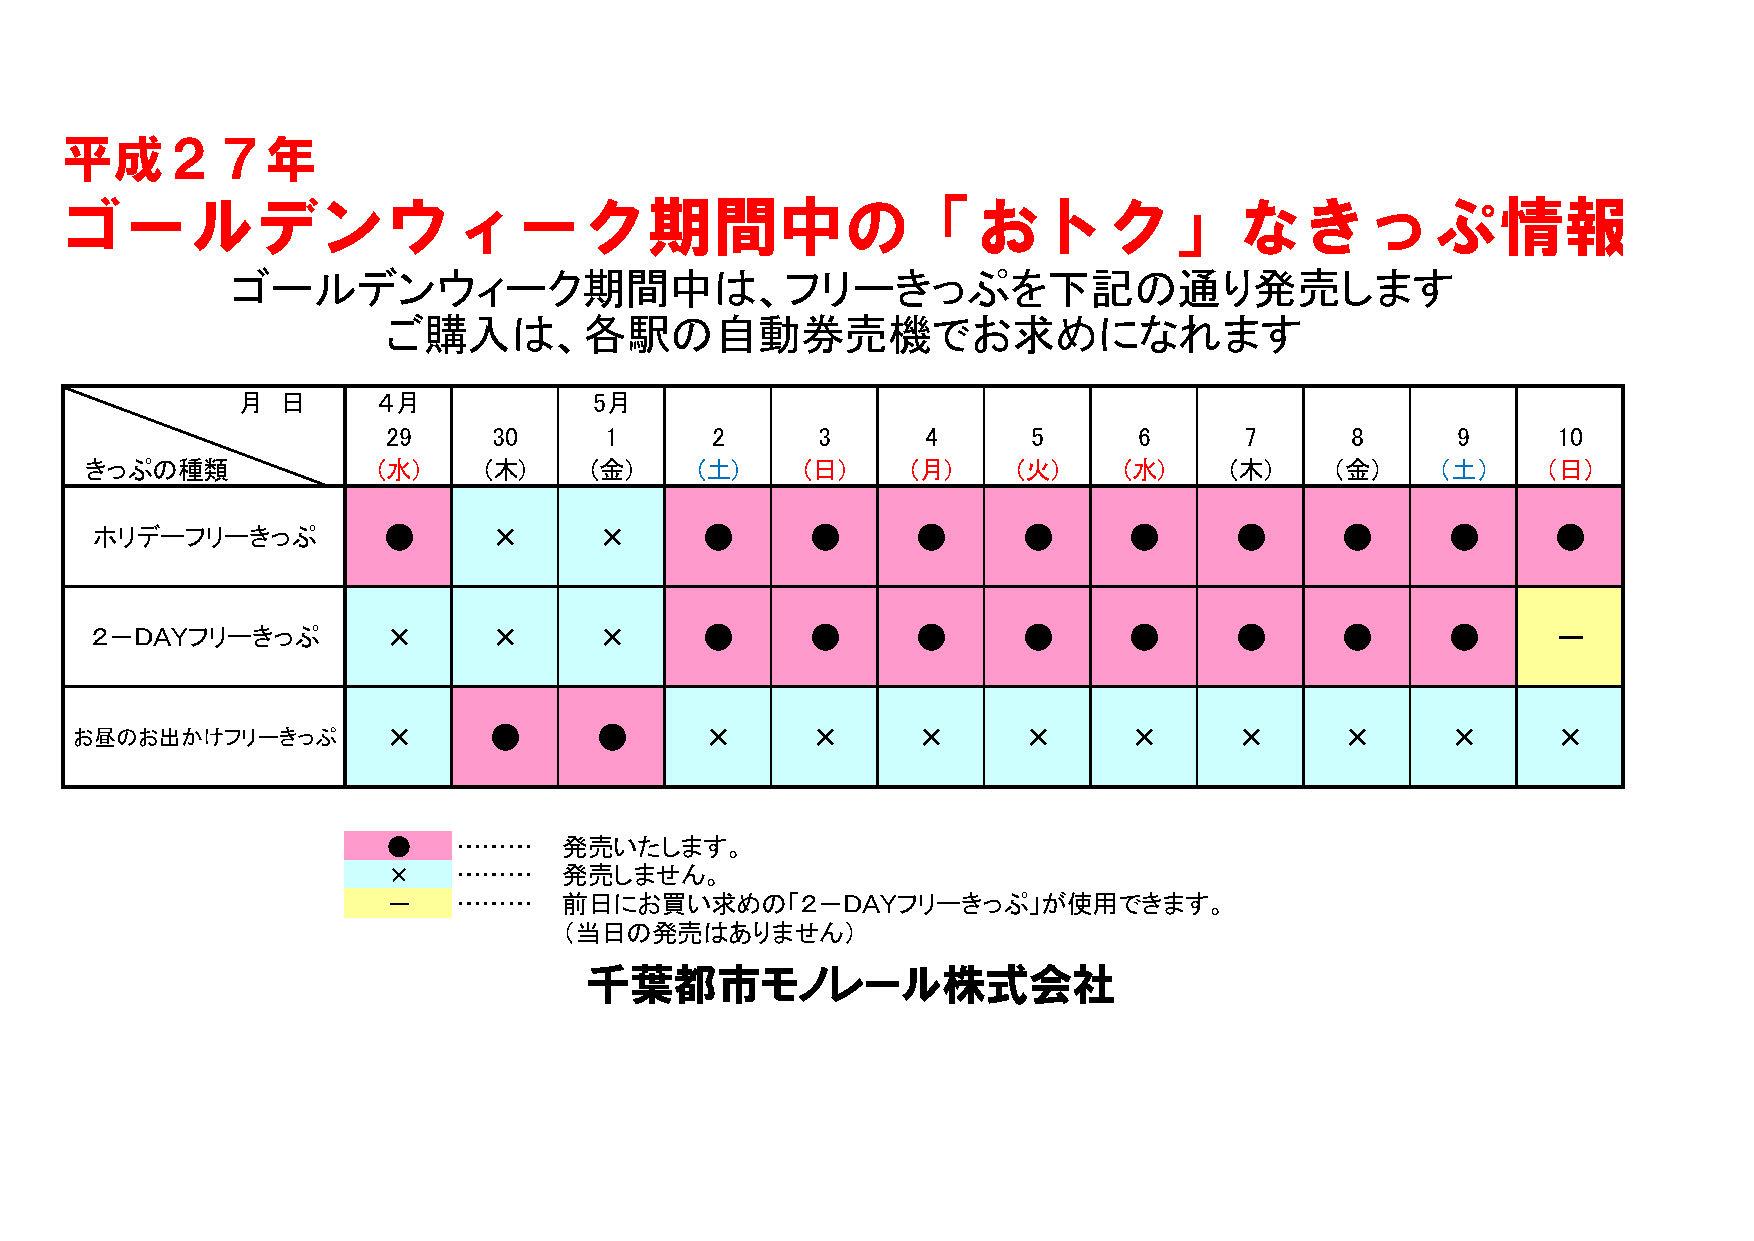 平成27年ゴールデンウィーク期間中のフリーきっぷ発売情報